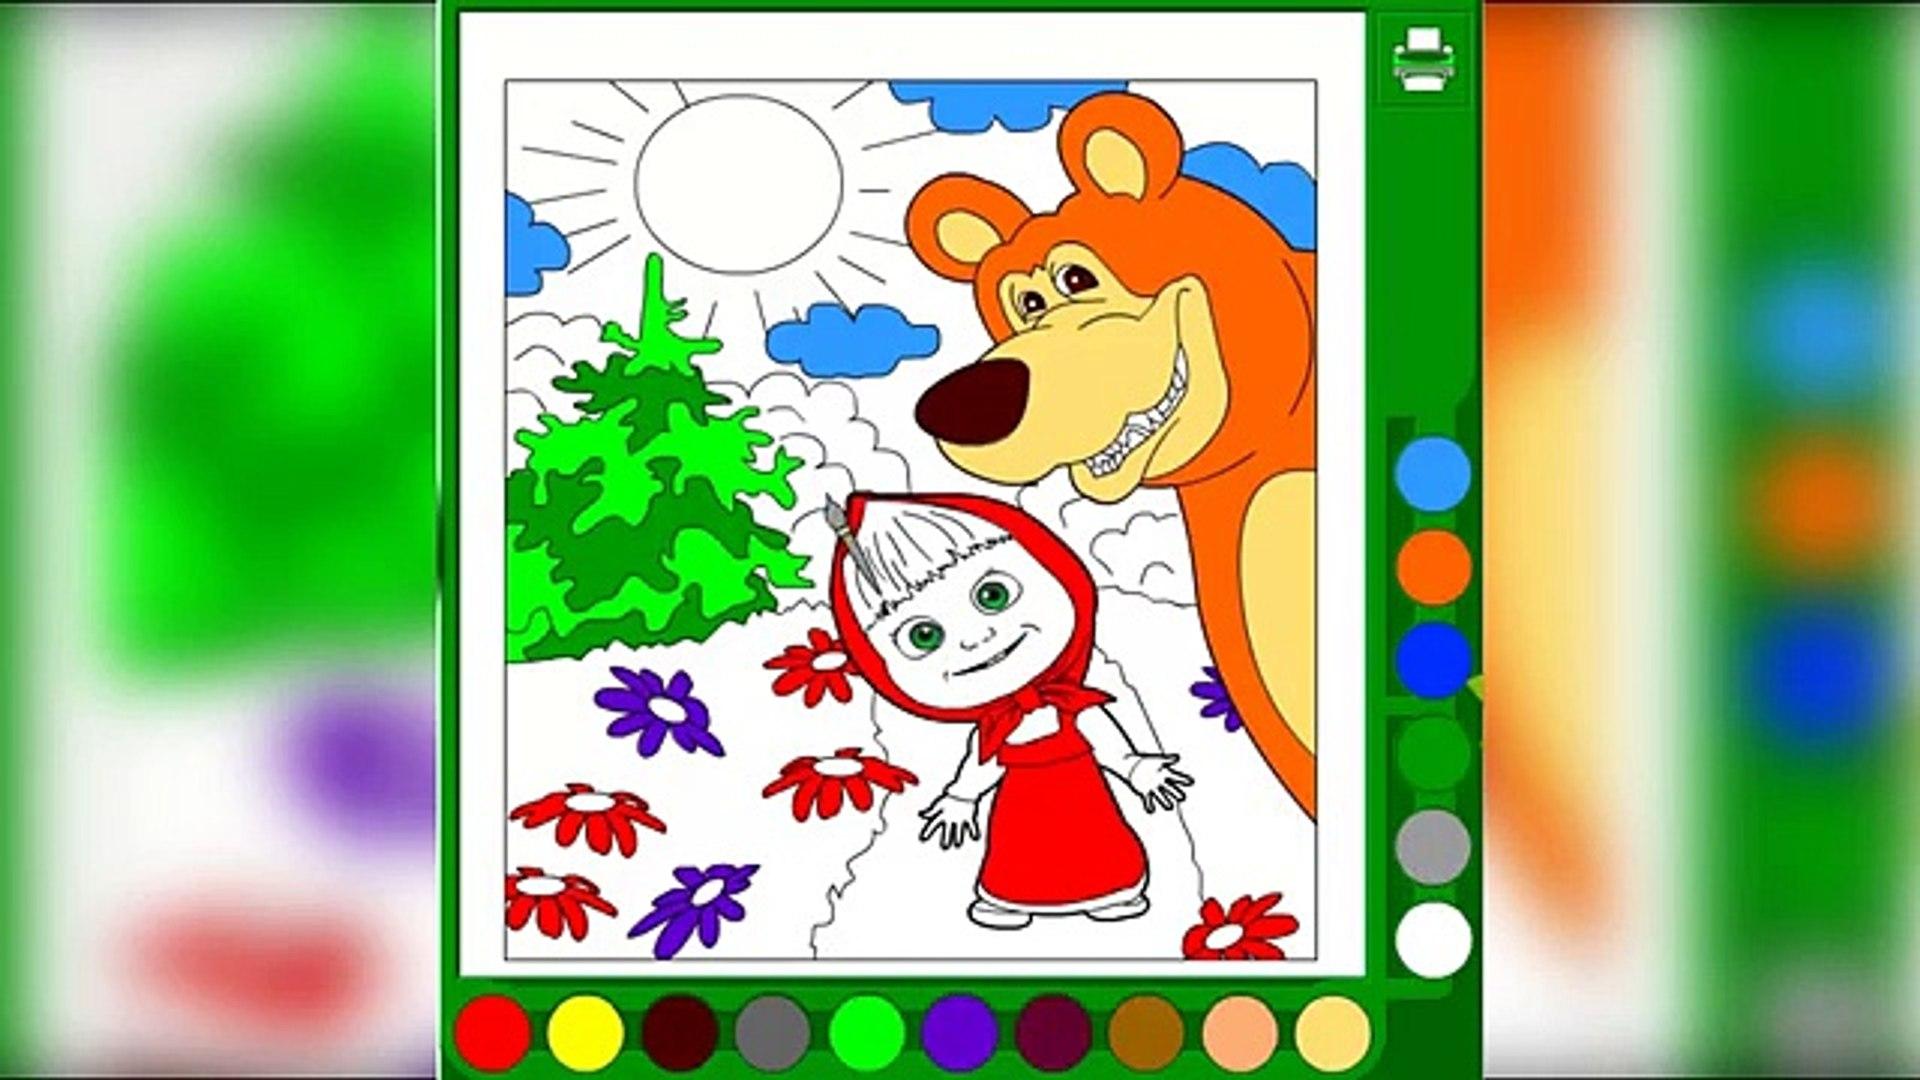 МАША И МЕДВЕДЬ #раскраска 13 MASHA AND THE BEAR